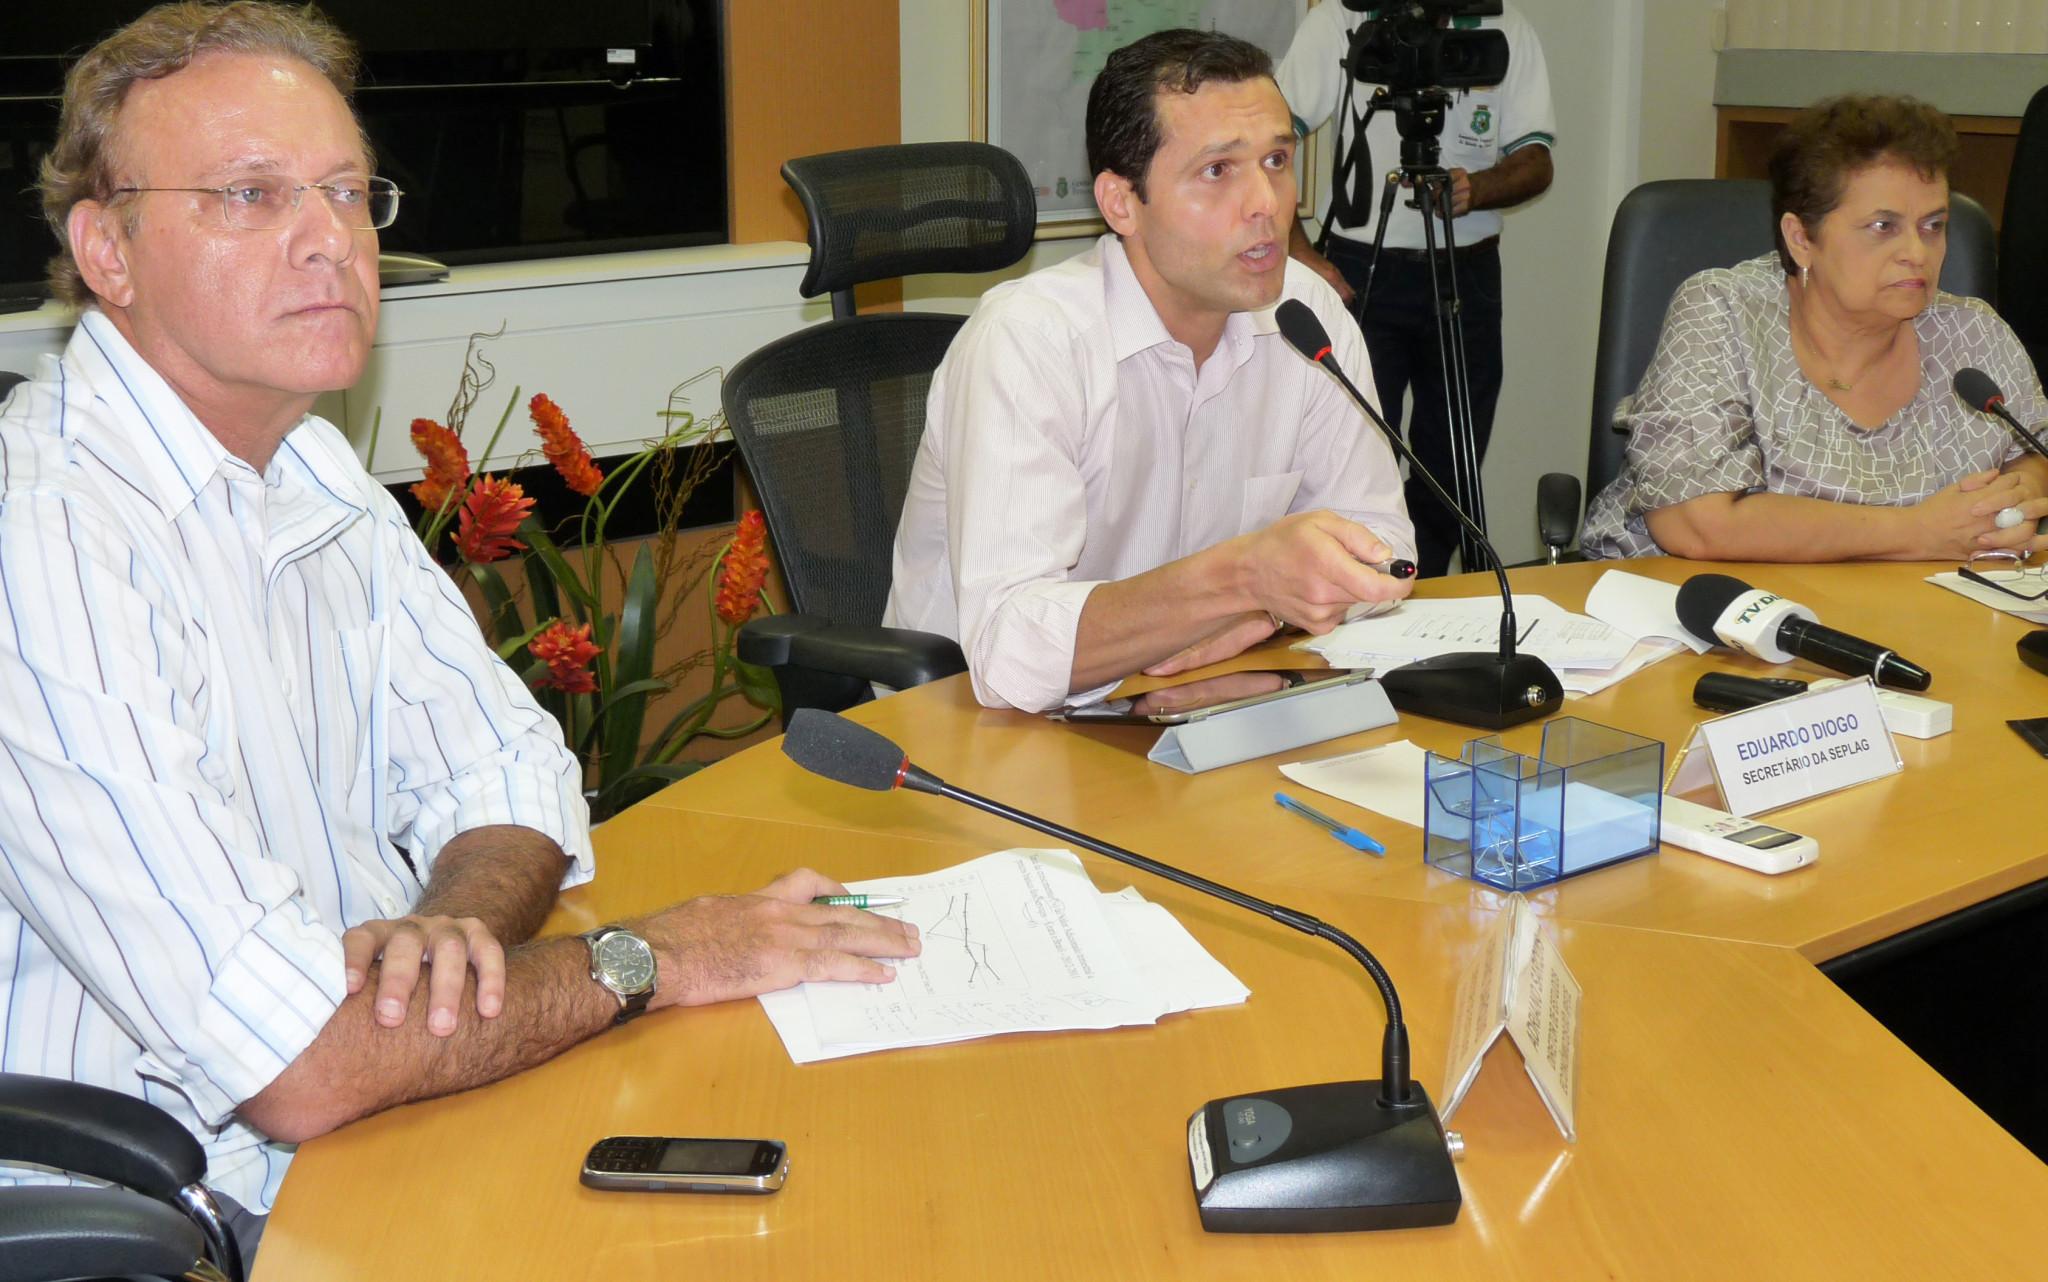 11-09-2012 - Divulgação do PIB - Sala de Reunião Seplag (29)